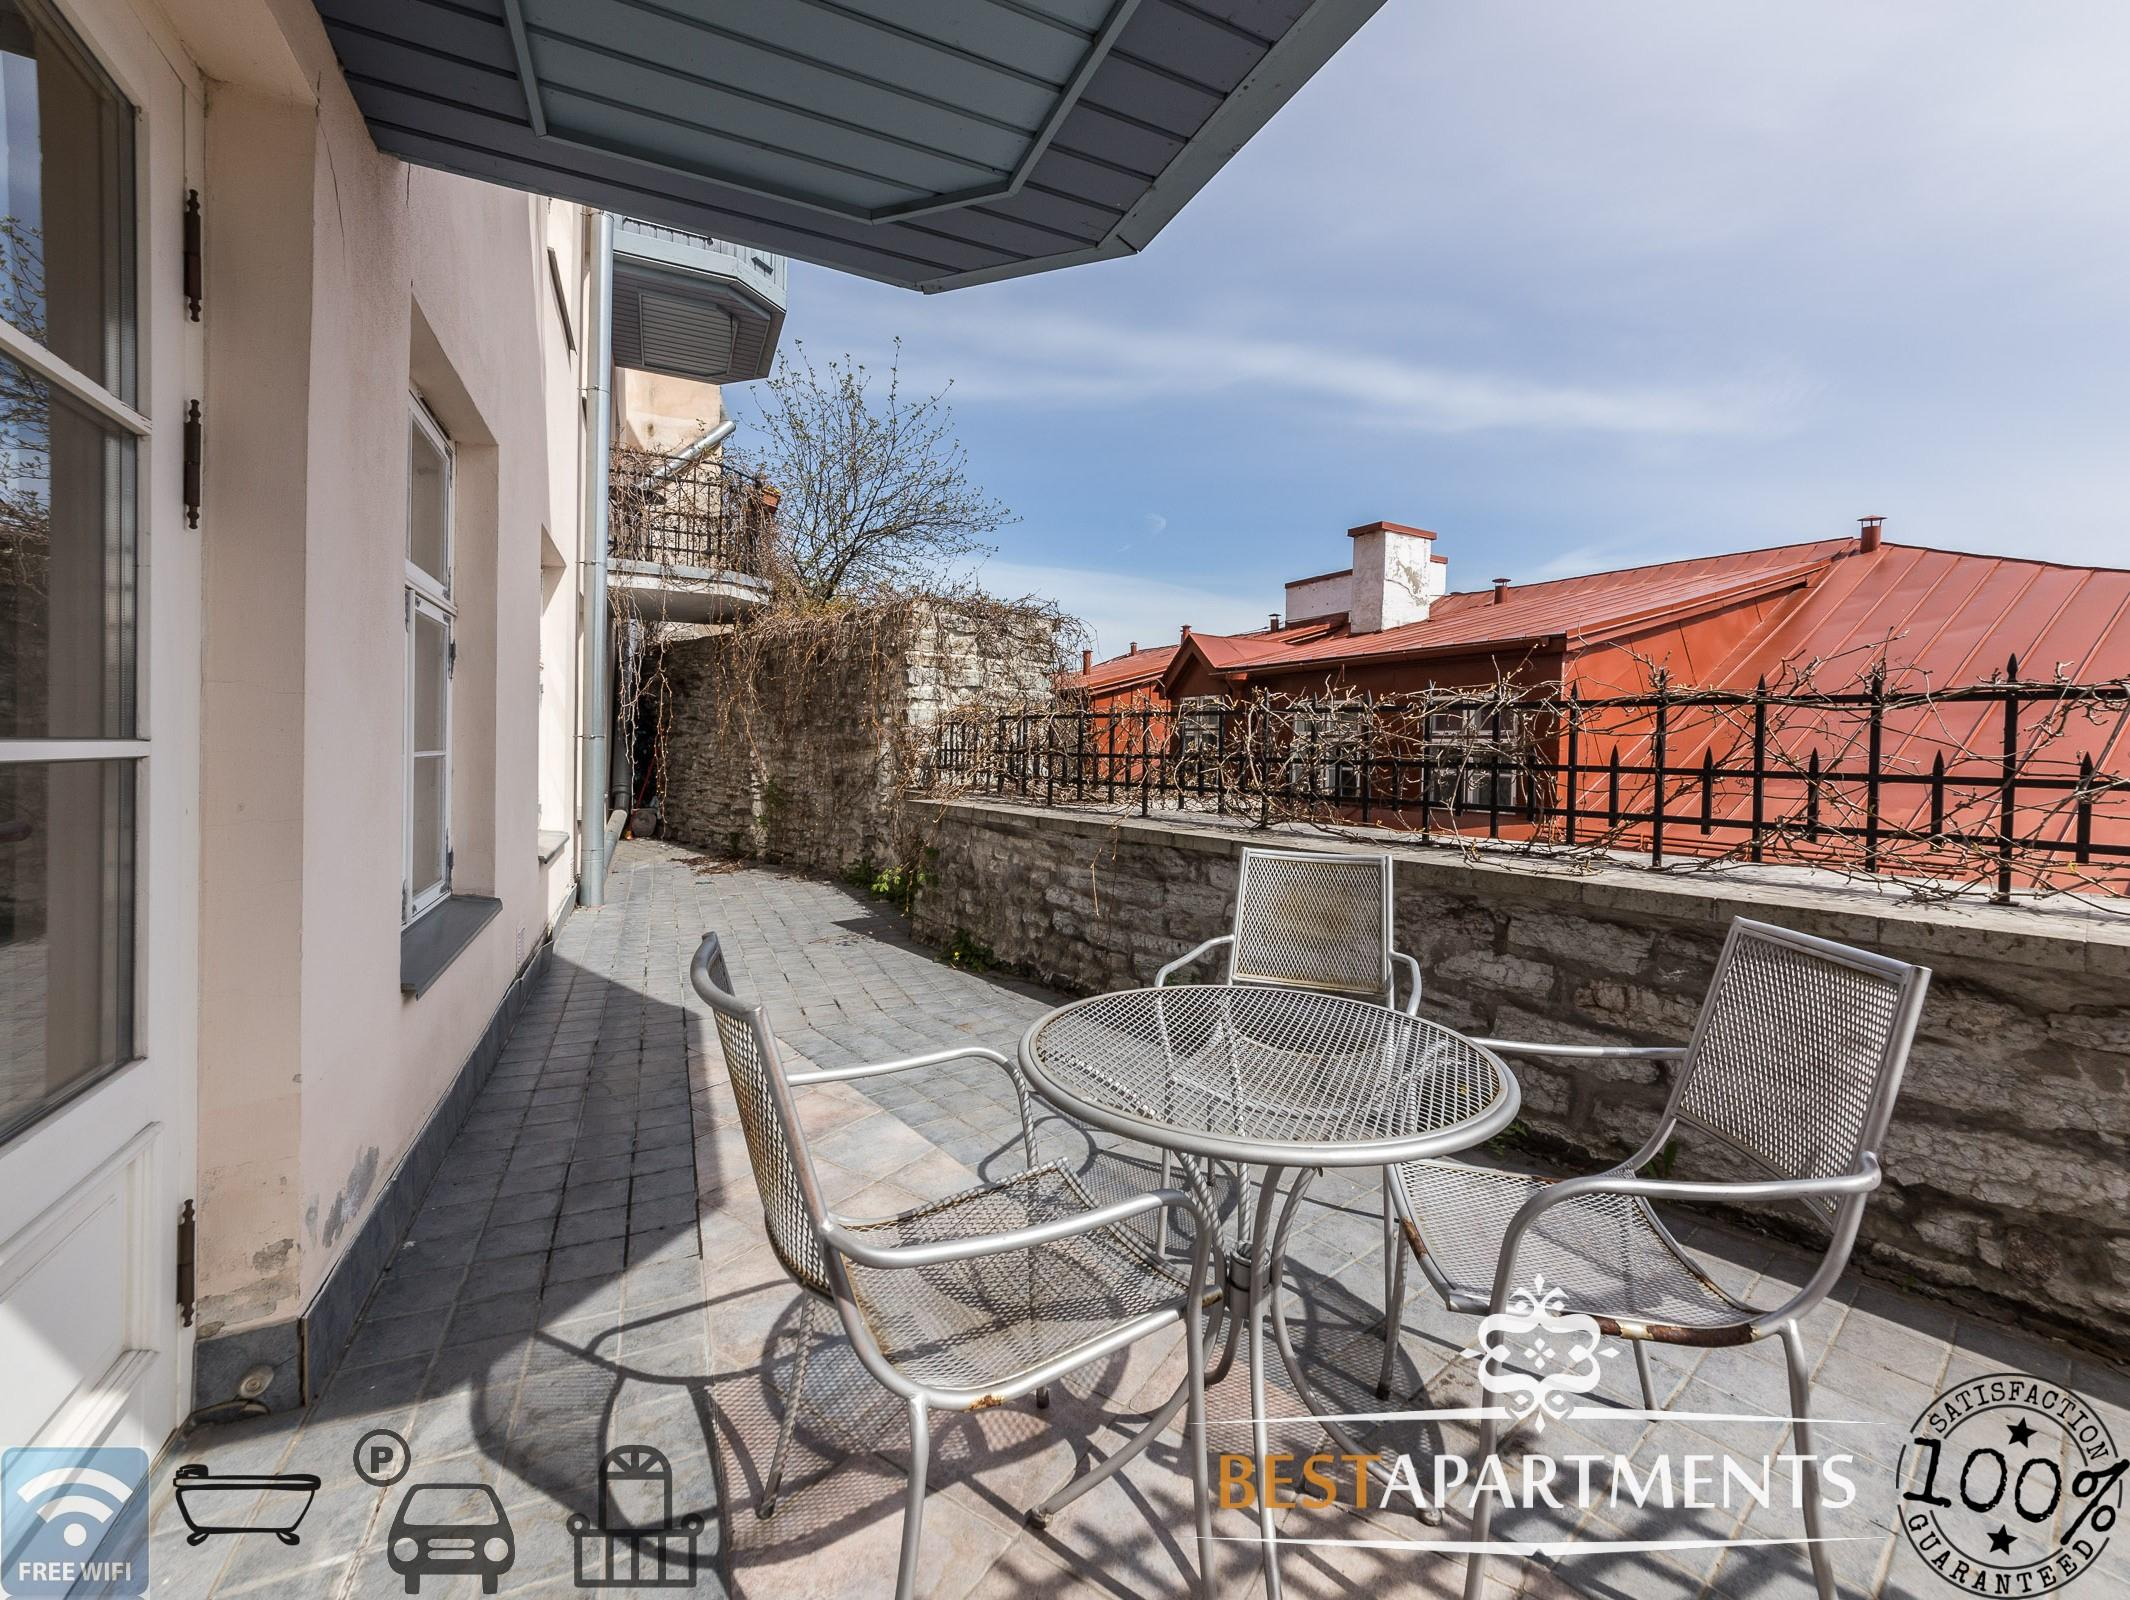 luxus apartment mit parkm glichkeit und terrasse best apartments. Black Bedroom Furniture Sets. Home Design Ideas